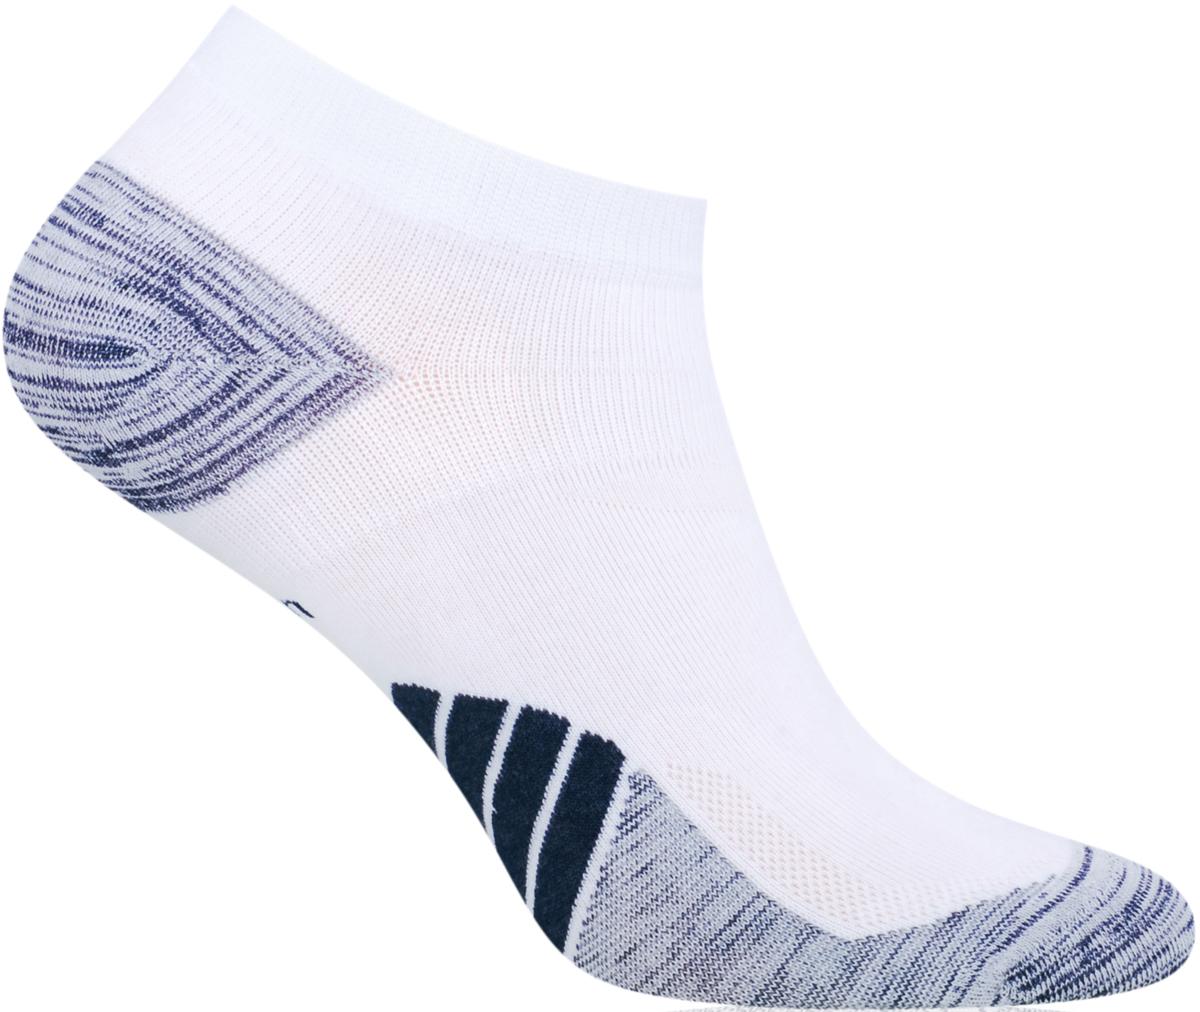 Носки мужские Steven, цвет: белый, синий. 101 (TA032). Размер 38/40101 (TC032)/101 (TB032)/101 (TA032)Носки Steven изготовлены из качественного материала на основе хлопка. Модель имеет мягкую эластичную резинку. Носки хорошо держат форму и обладают повышенной воздухопроницаемостью.